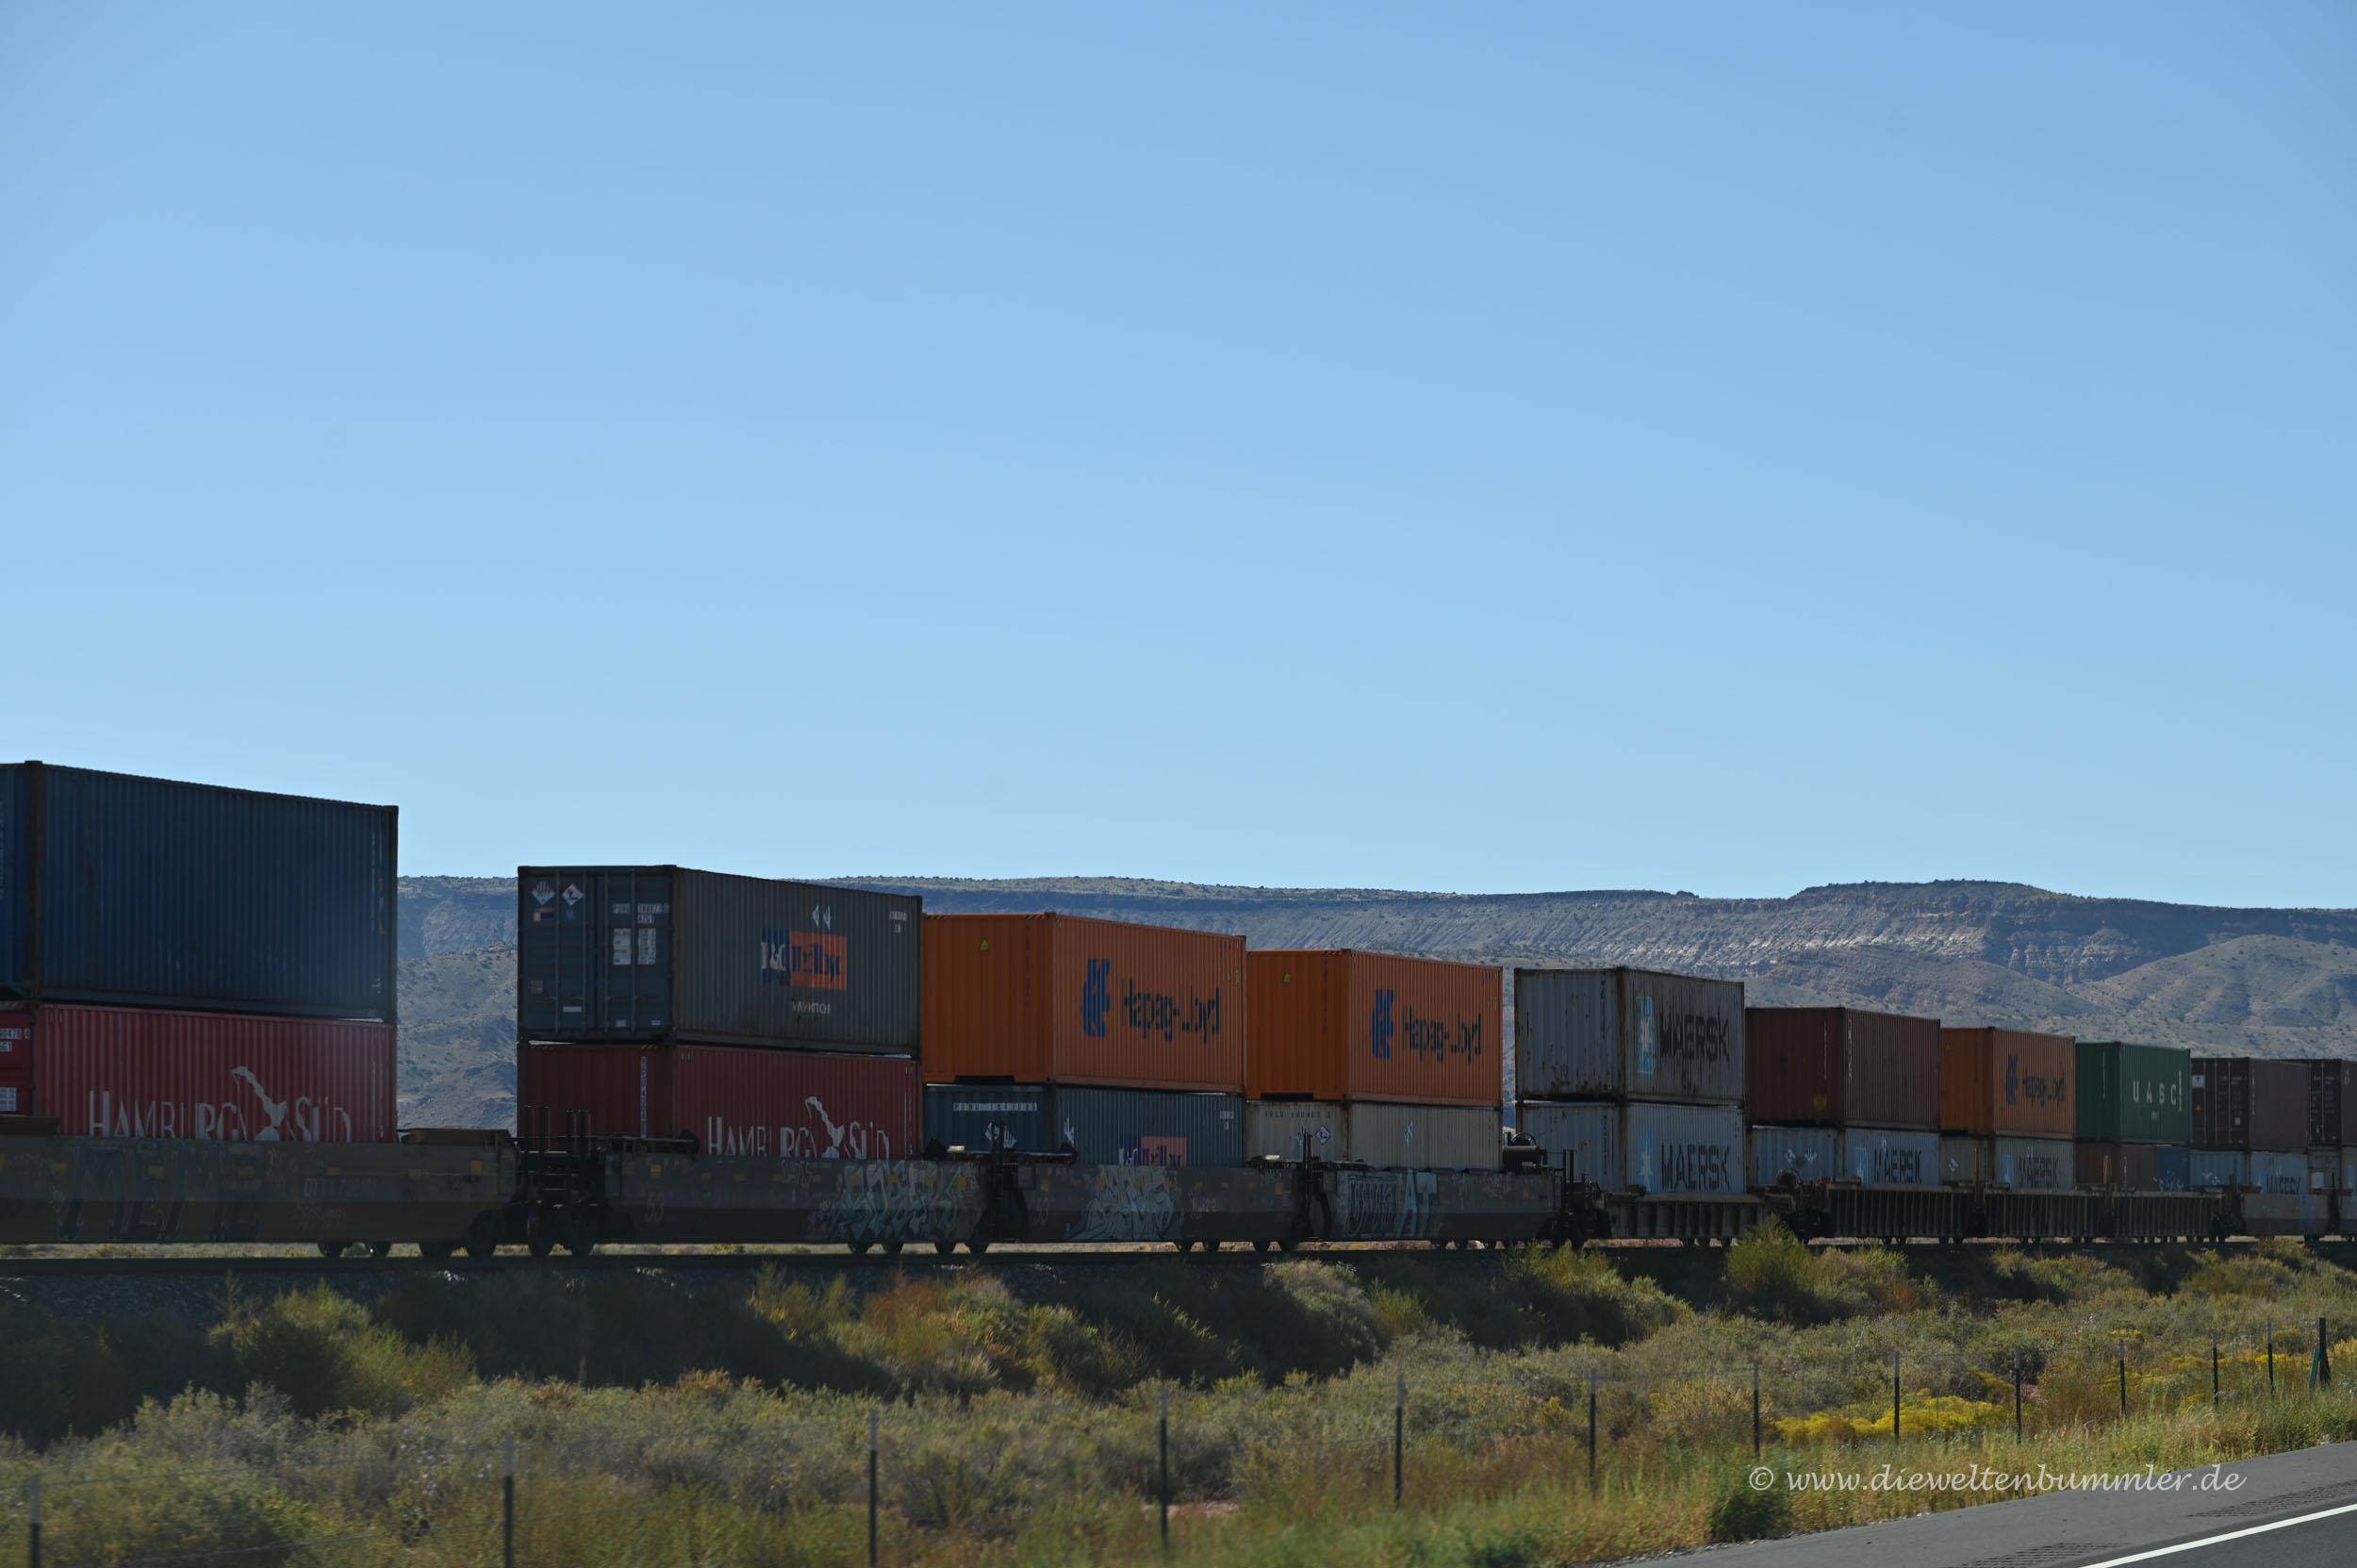 Zug mit doppelten Containern